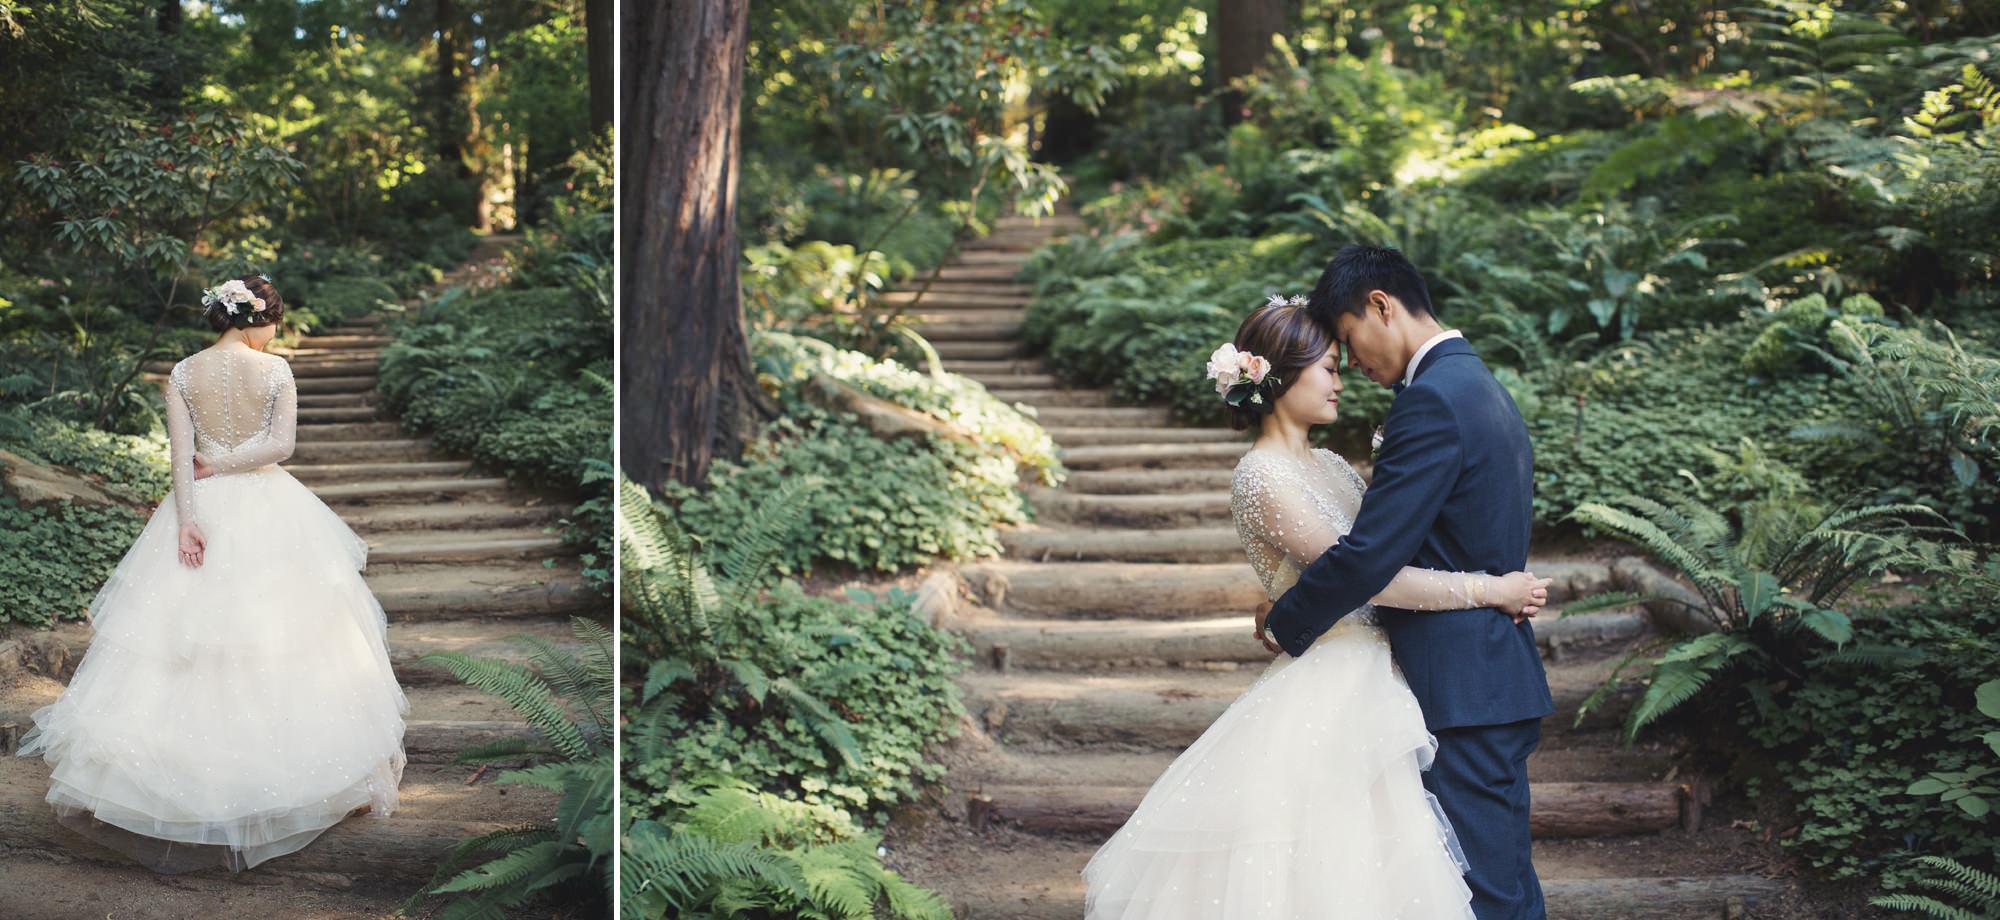 Fairytale Wedding in Nestldown ©Anne-Claire Brun 0033